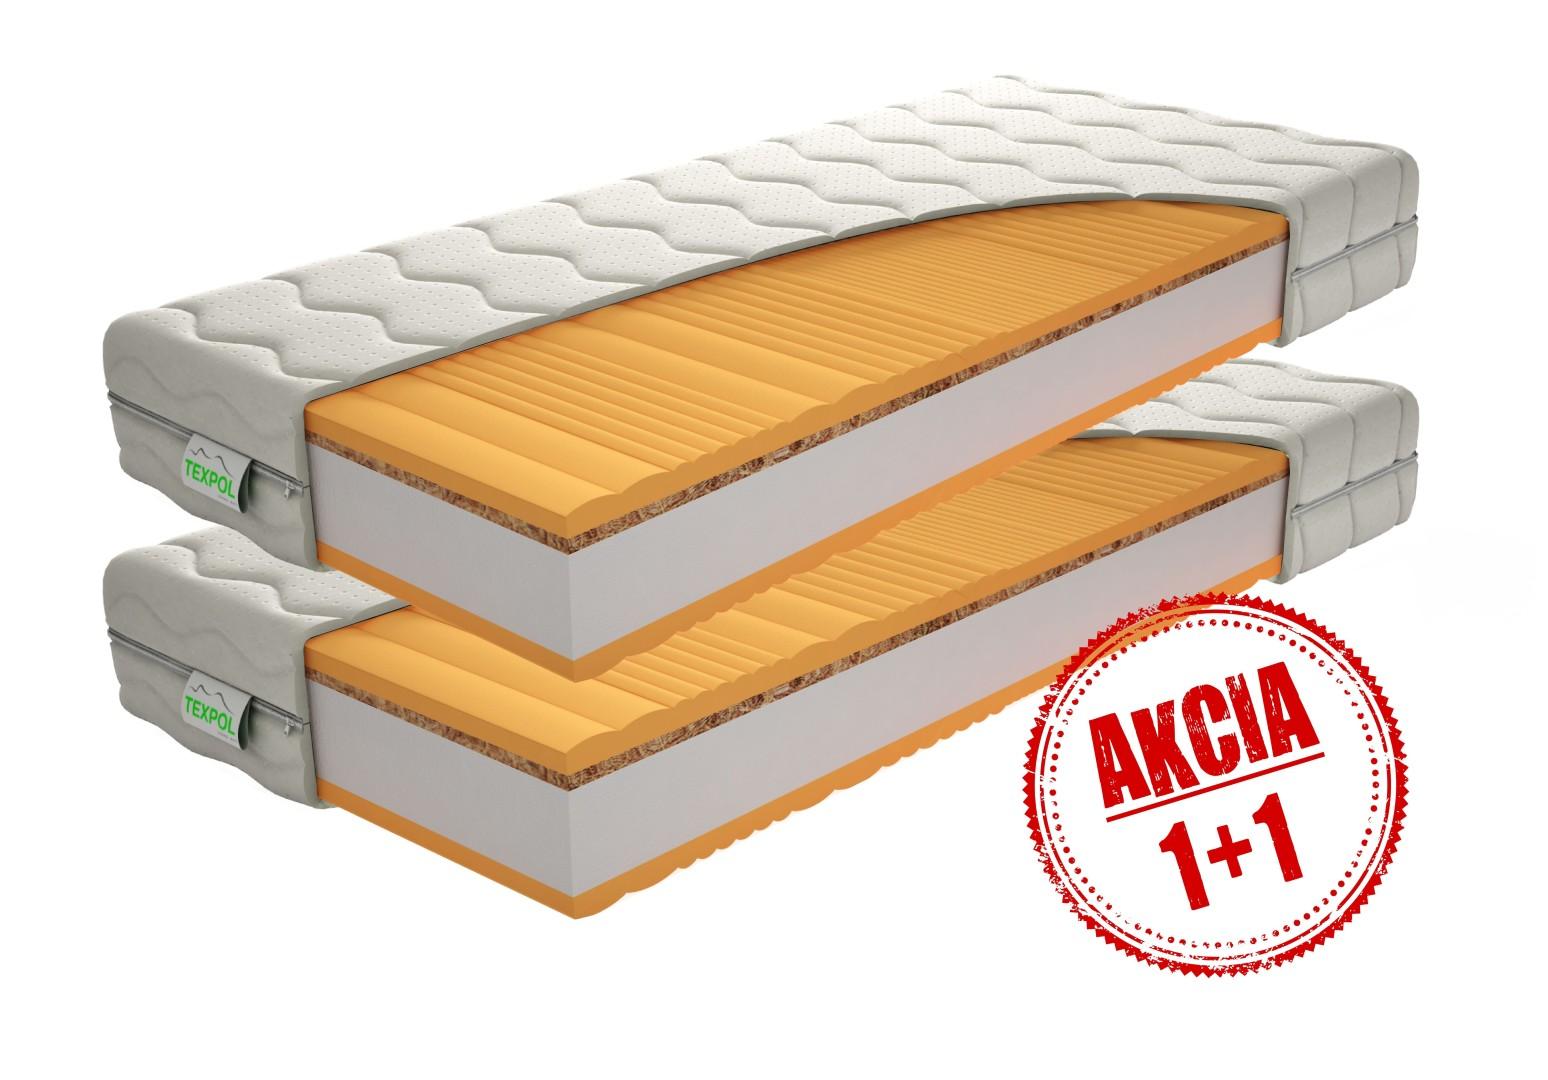 Texpol BRÁVIA - luxusný partnerský matrac v akcii 1+1, snímateľný poťah